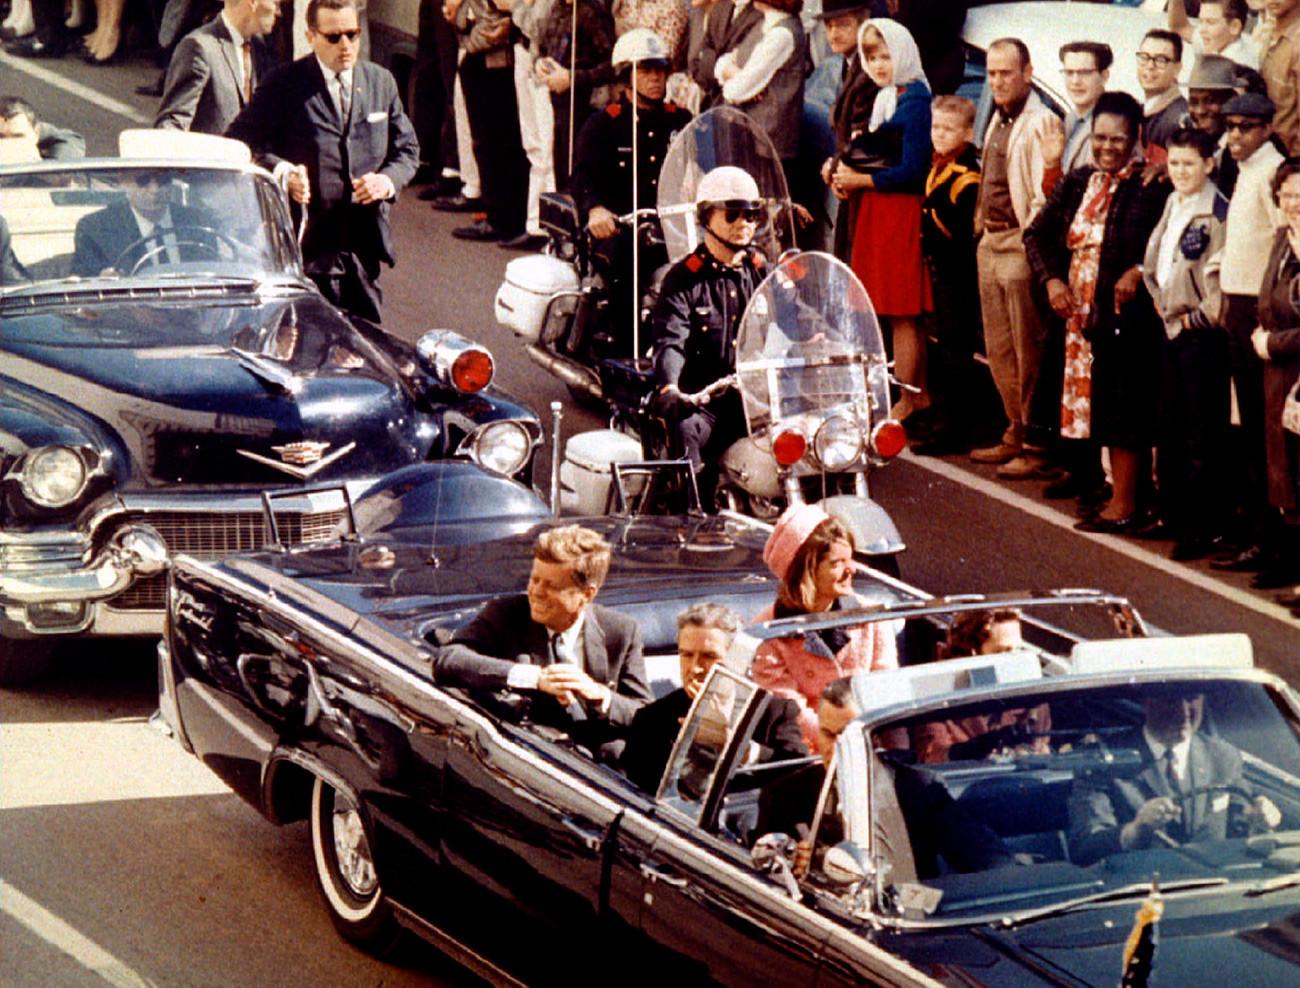 На 22 ноември 1993 година се навршуваа 30 години од убиството на претседателот Џон Кенеди. Претседателот Џон Кенеди, првата дама и гувернерот на Тексас Џон Конали се возат низ Далас неколку моменти пред атентатот, 22 ноември 1963 година.